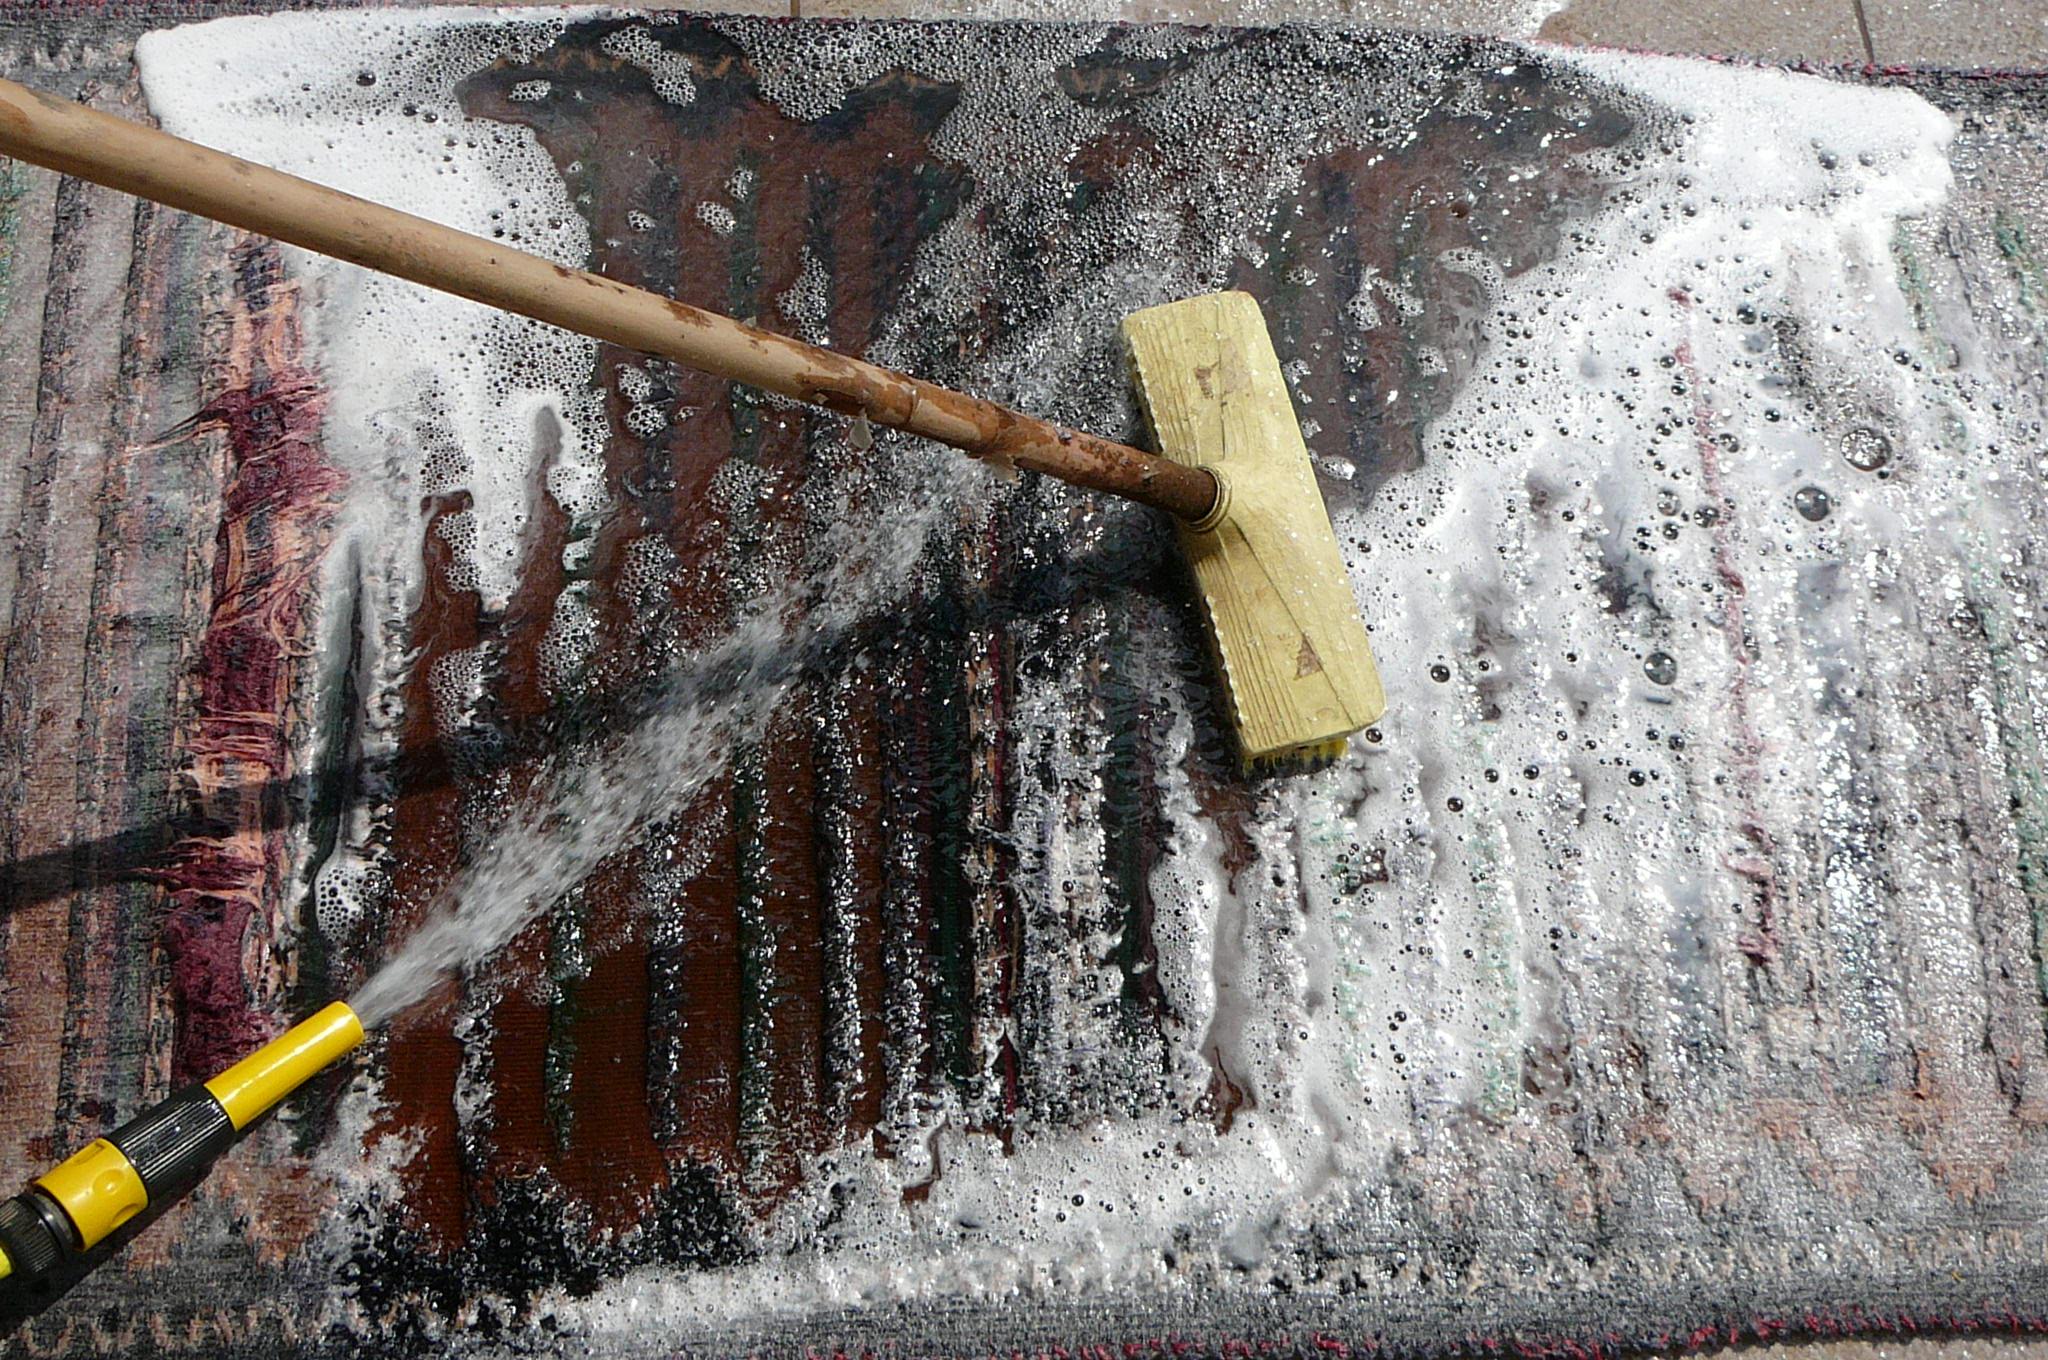 lavaggio tappeti persiani, Pulizia profondo e completo tappeto a mano